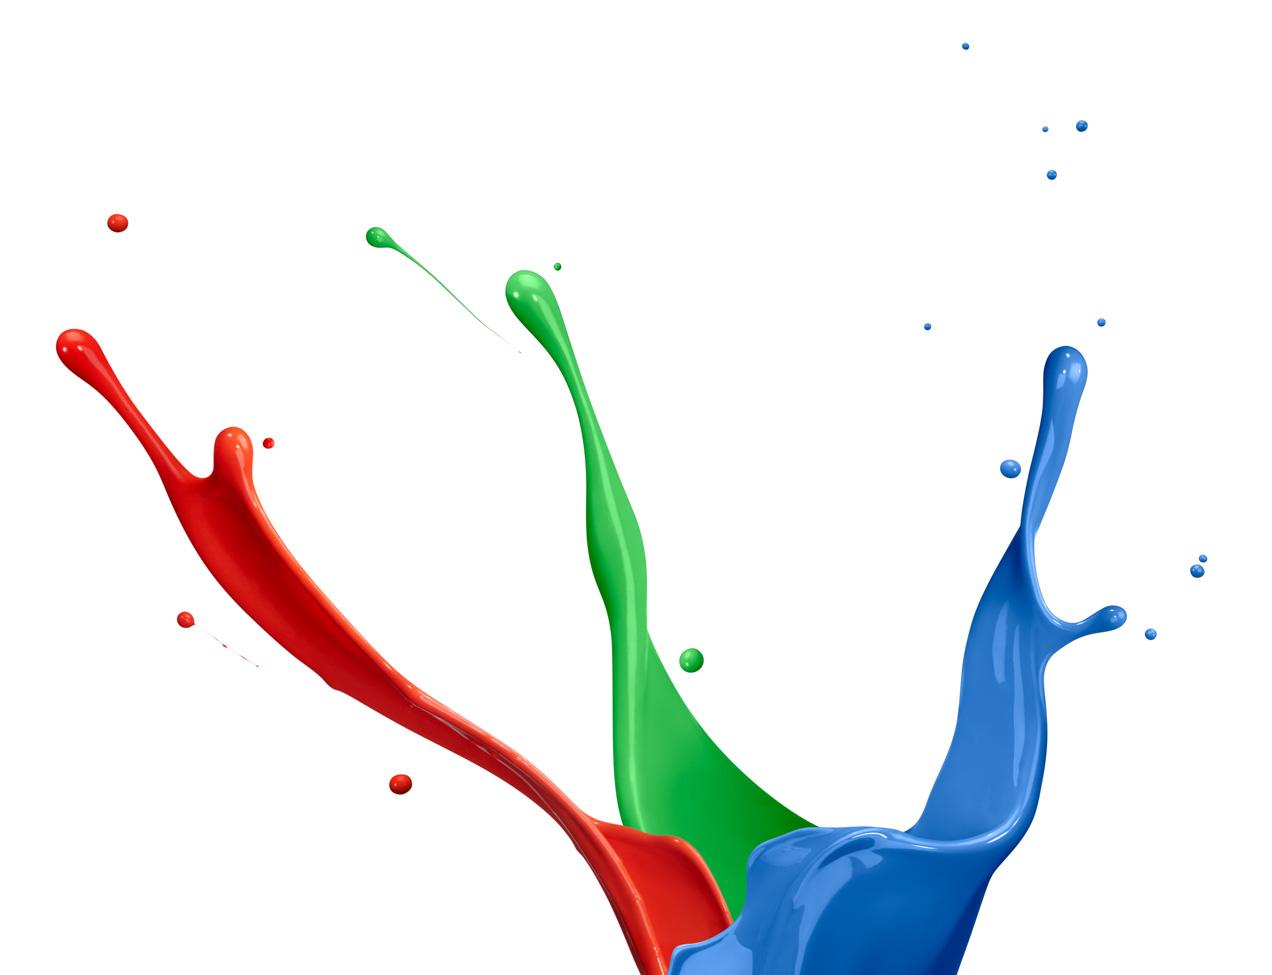 http://2.bp.blogspot.com/-lov_hyTcxEU/Tt3huy0DAlI/AAAAAAAAYfs/uHXtkzgWios/s1600/CMYK+Wallpapers+%252815%2529.jpg